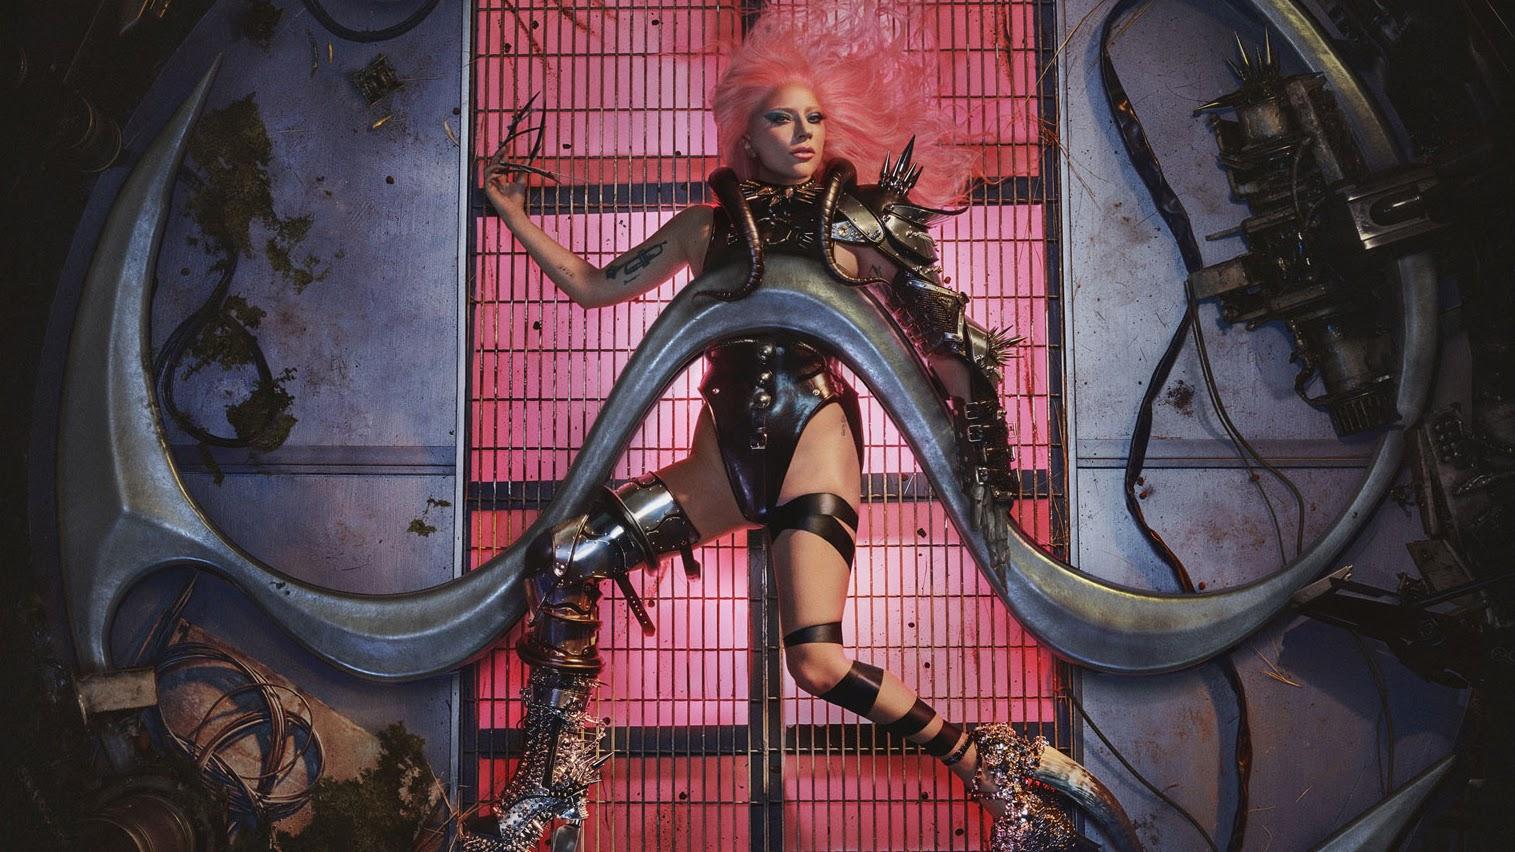 """Com influências de house e eurodance, o """"Chromatica"""" traz uma produção refinada, algumas das melhores letras de Gaga e o conjunto mais coeso de sua carreira"""